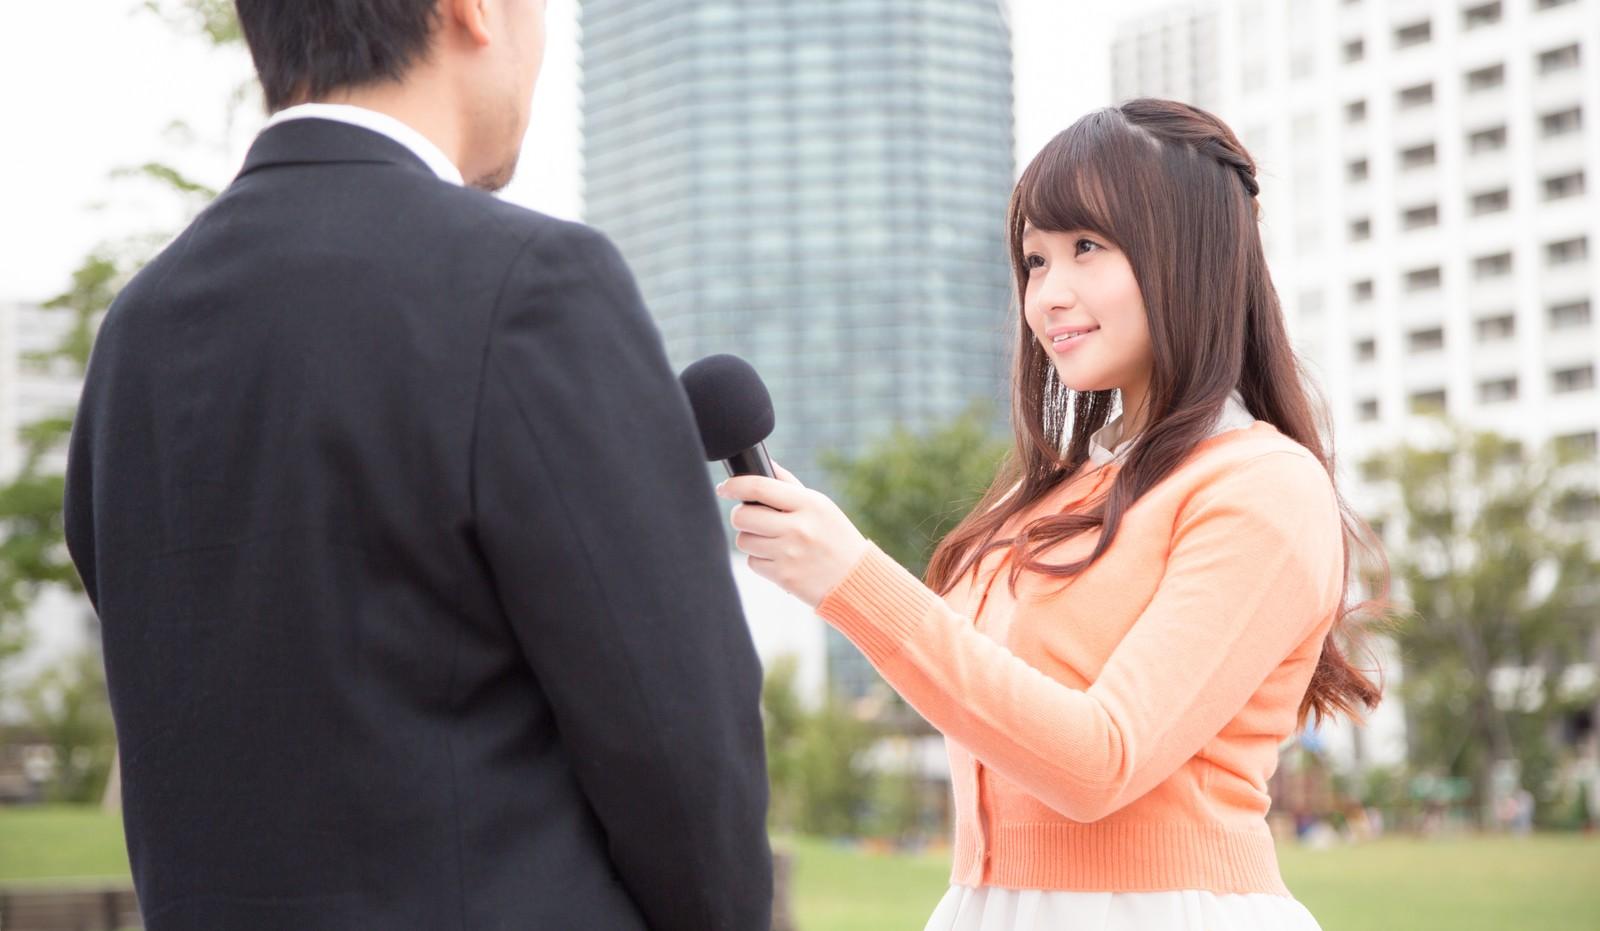 【体験談】アットセミナーは怪しくない?参加者へのインタビューを実施!